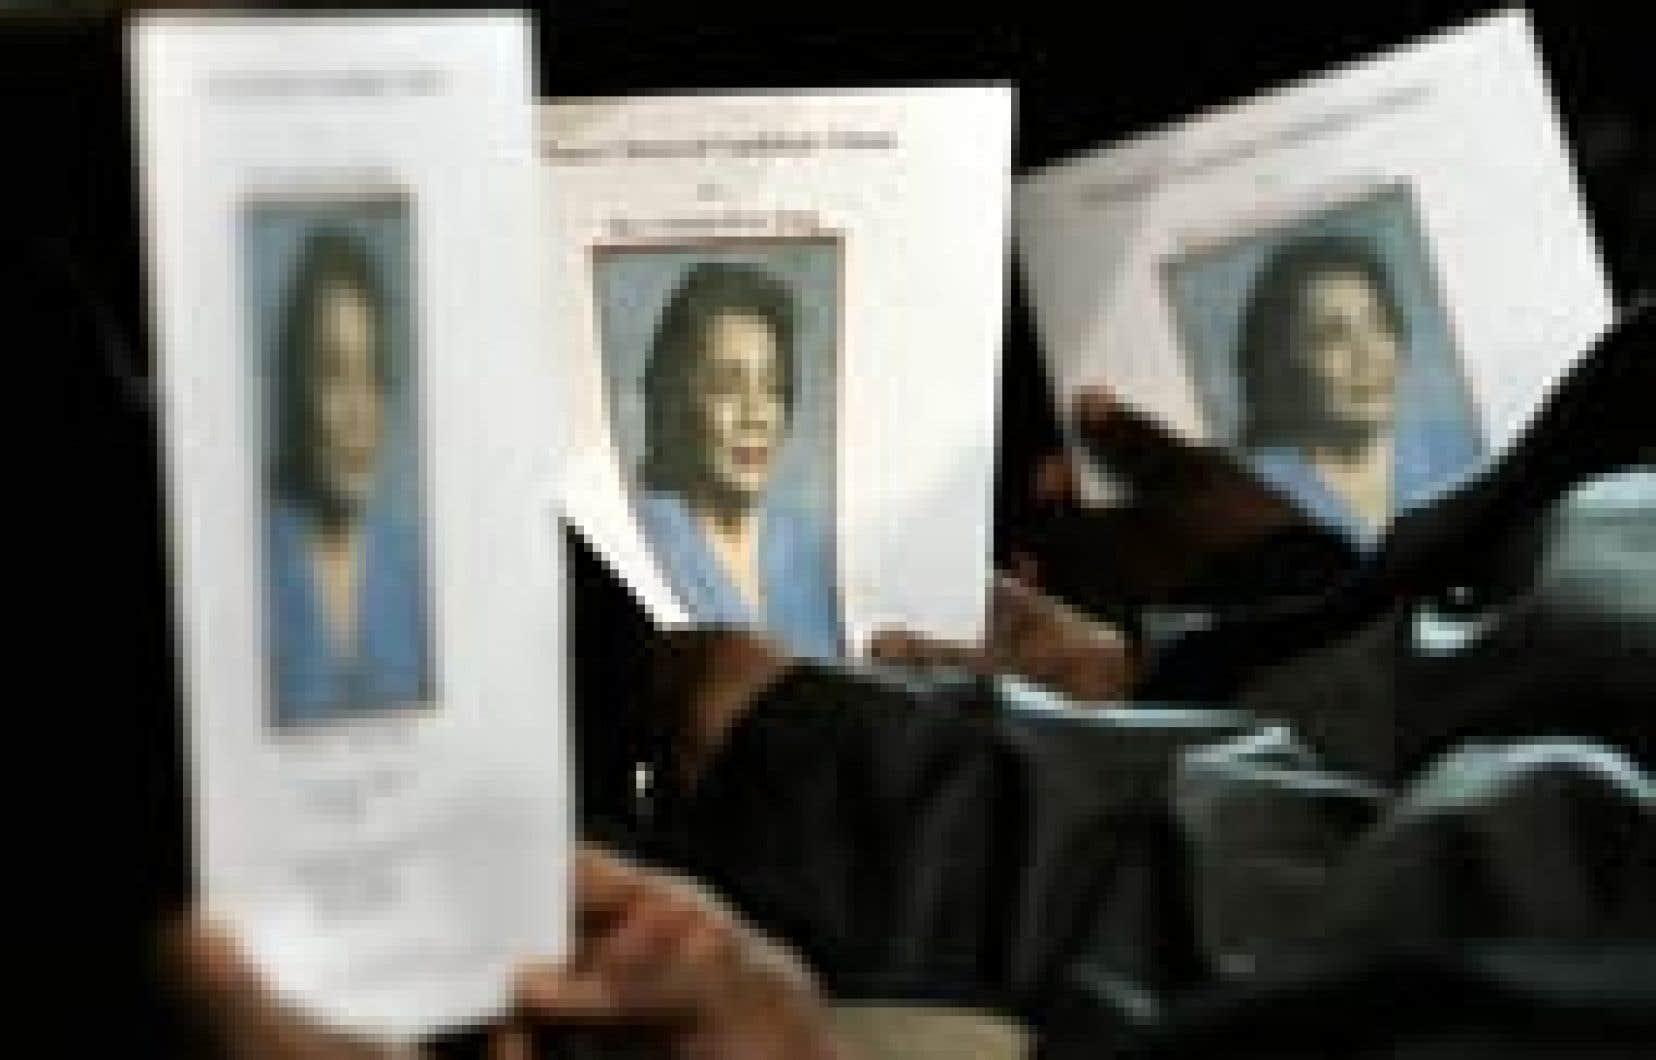 George W. Bush a modifié son programme de la semaine à venir pour assister demain aux obsèques de Coretta Scott King, la veuve de Martin Luther King, qui a passé sa vie à défendre l'héritage politique de son mari en luttant pour les droits des min